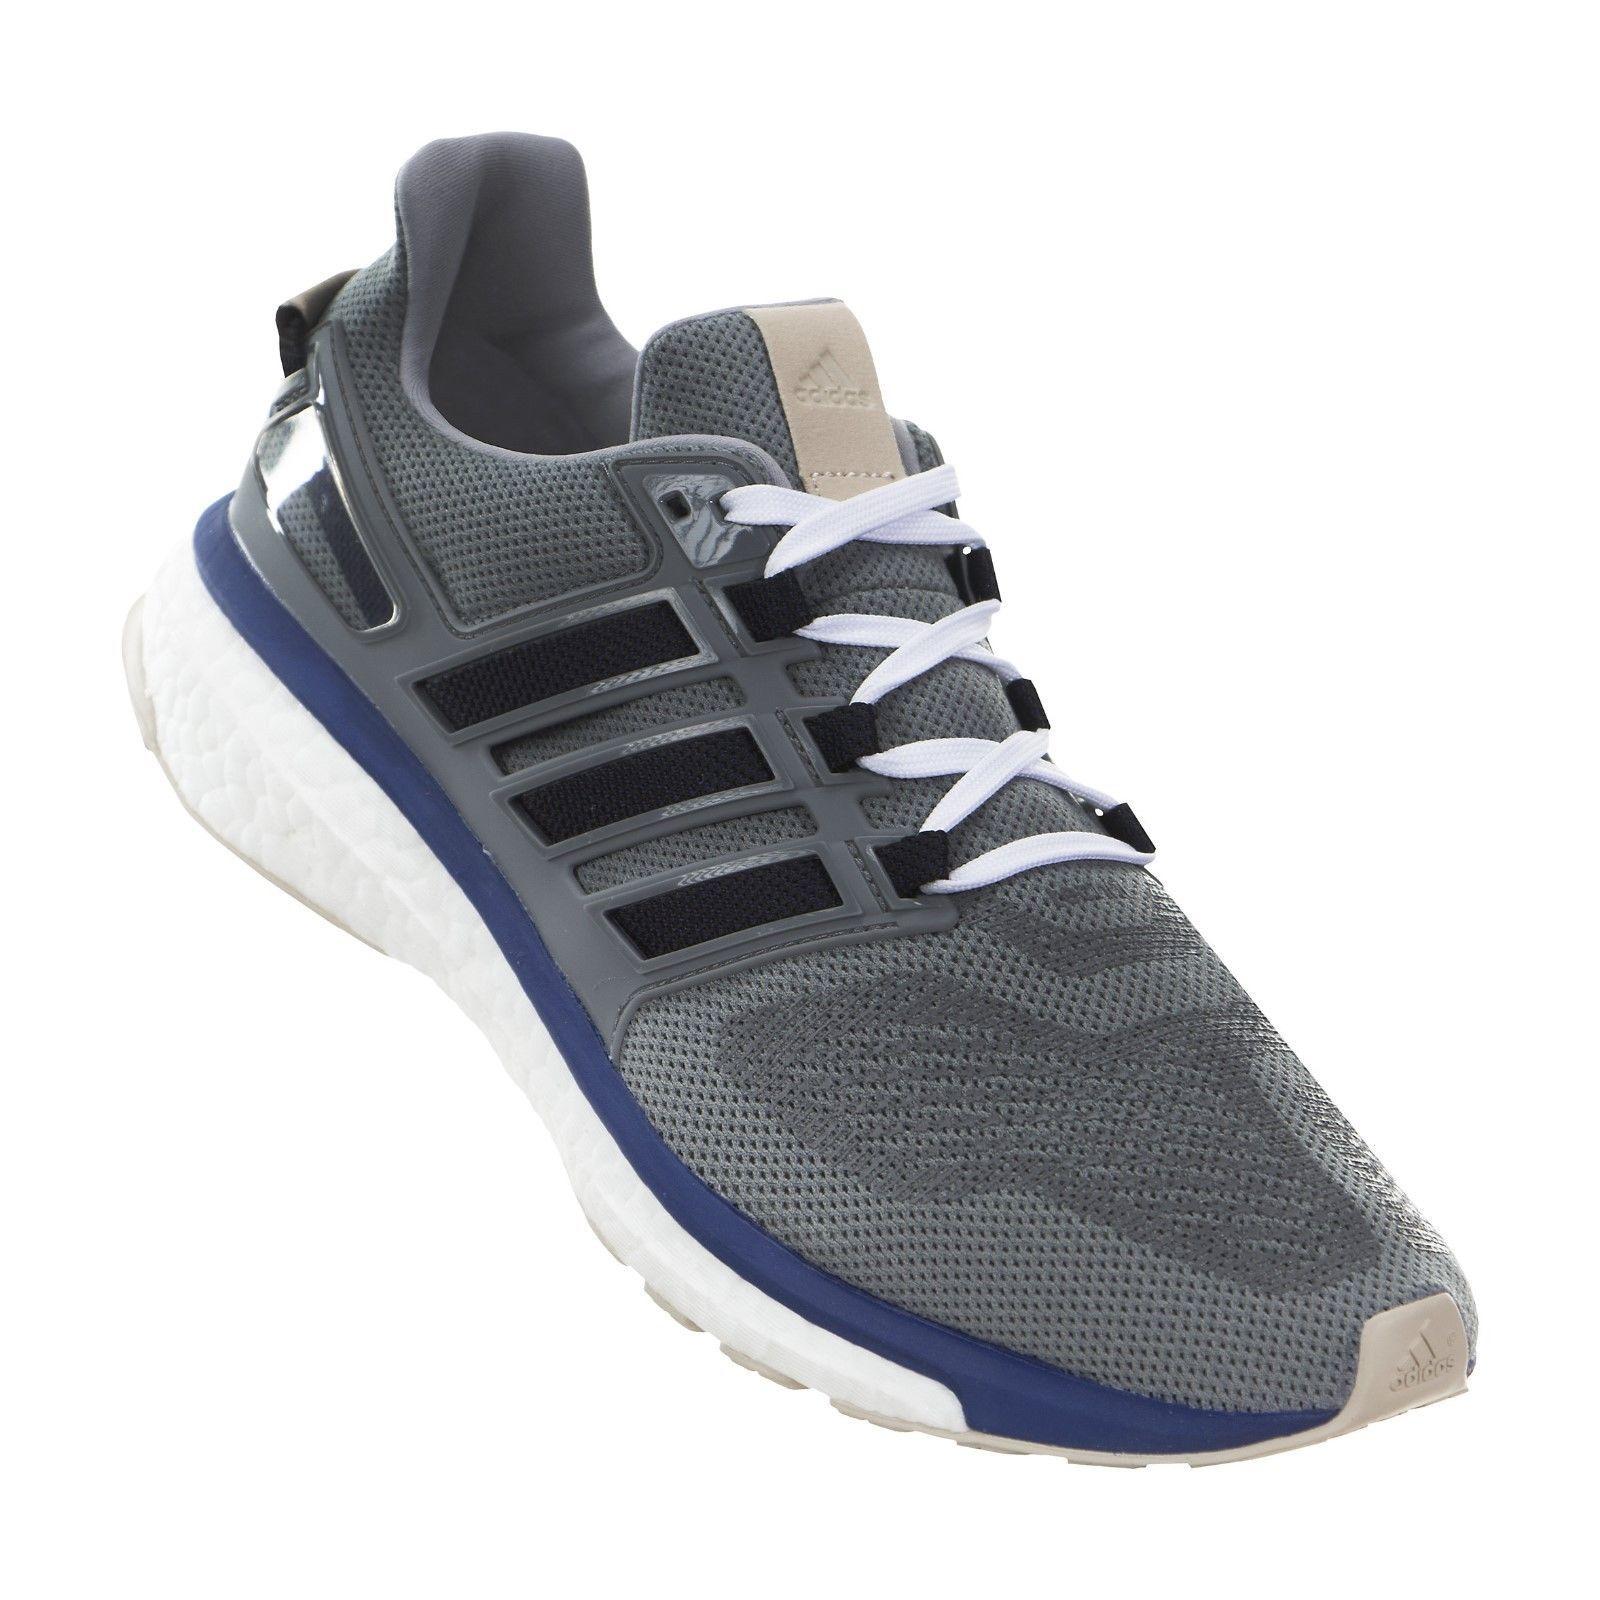 Men Shoes Men S Adidas Energy Boost 3 Sport Athletic Running Shoes Aq5958 Size 10 Men Shoes Adidas Men Running Shoes Shoes